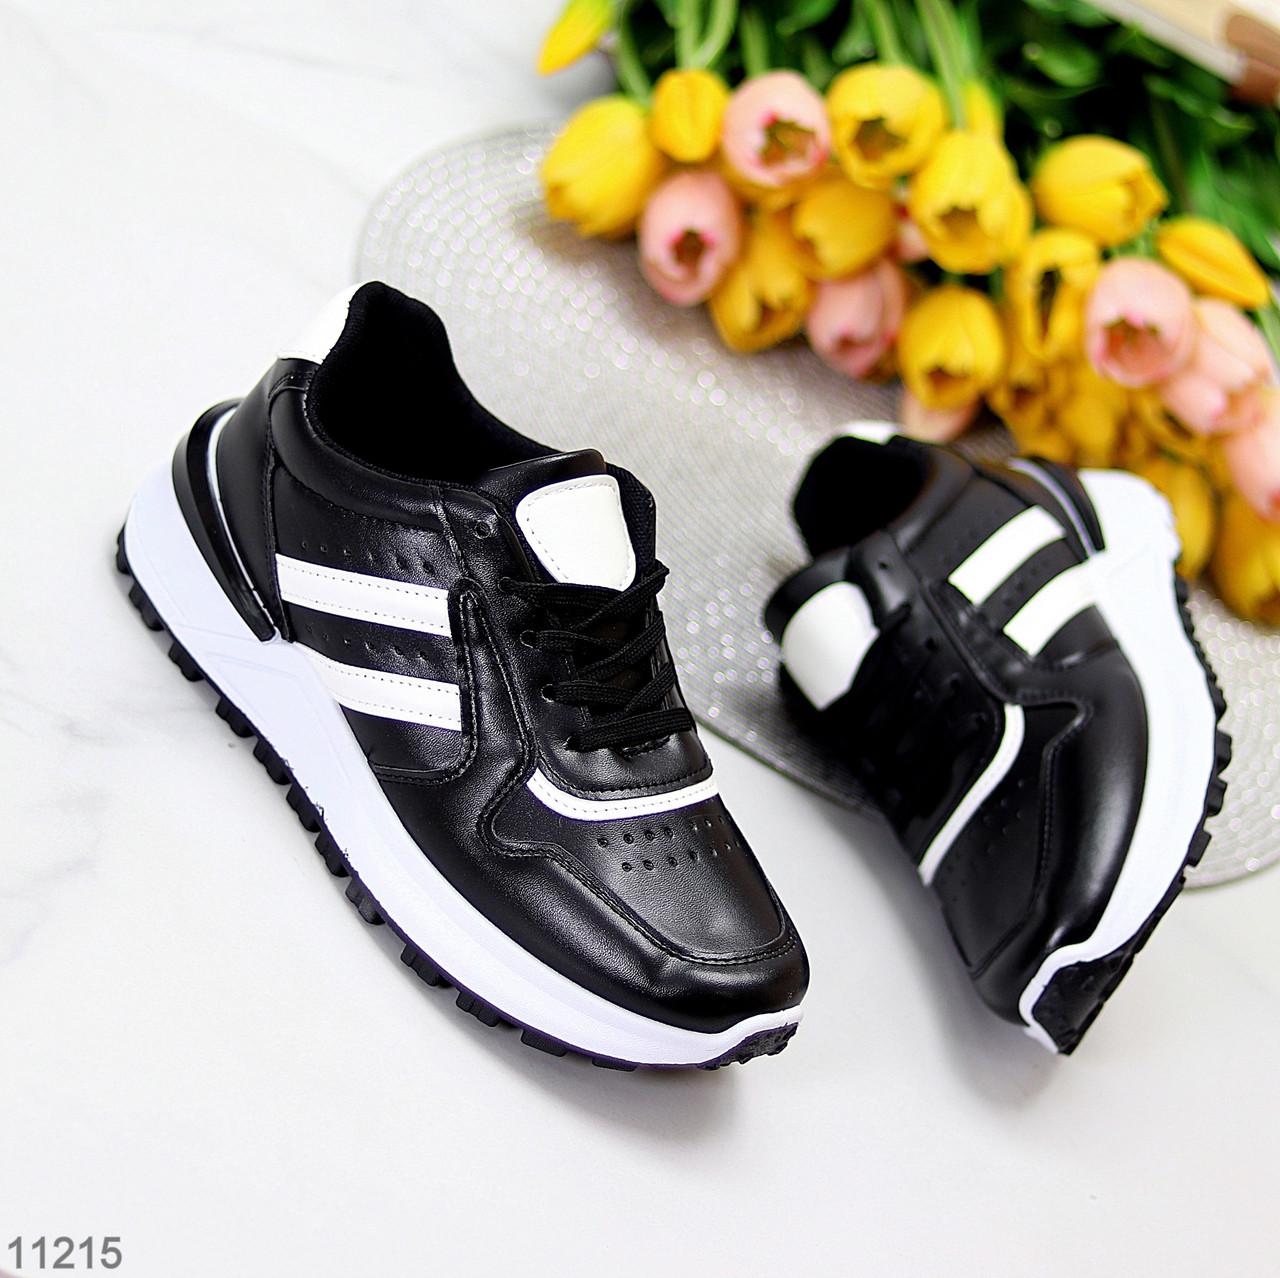 Комфортные стильные черные женские кроссовки на каждый день